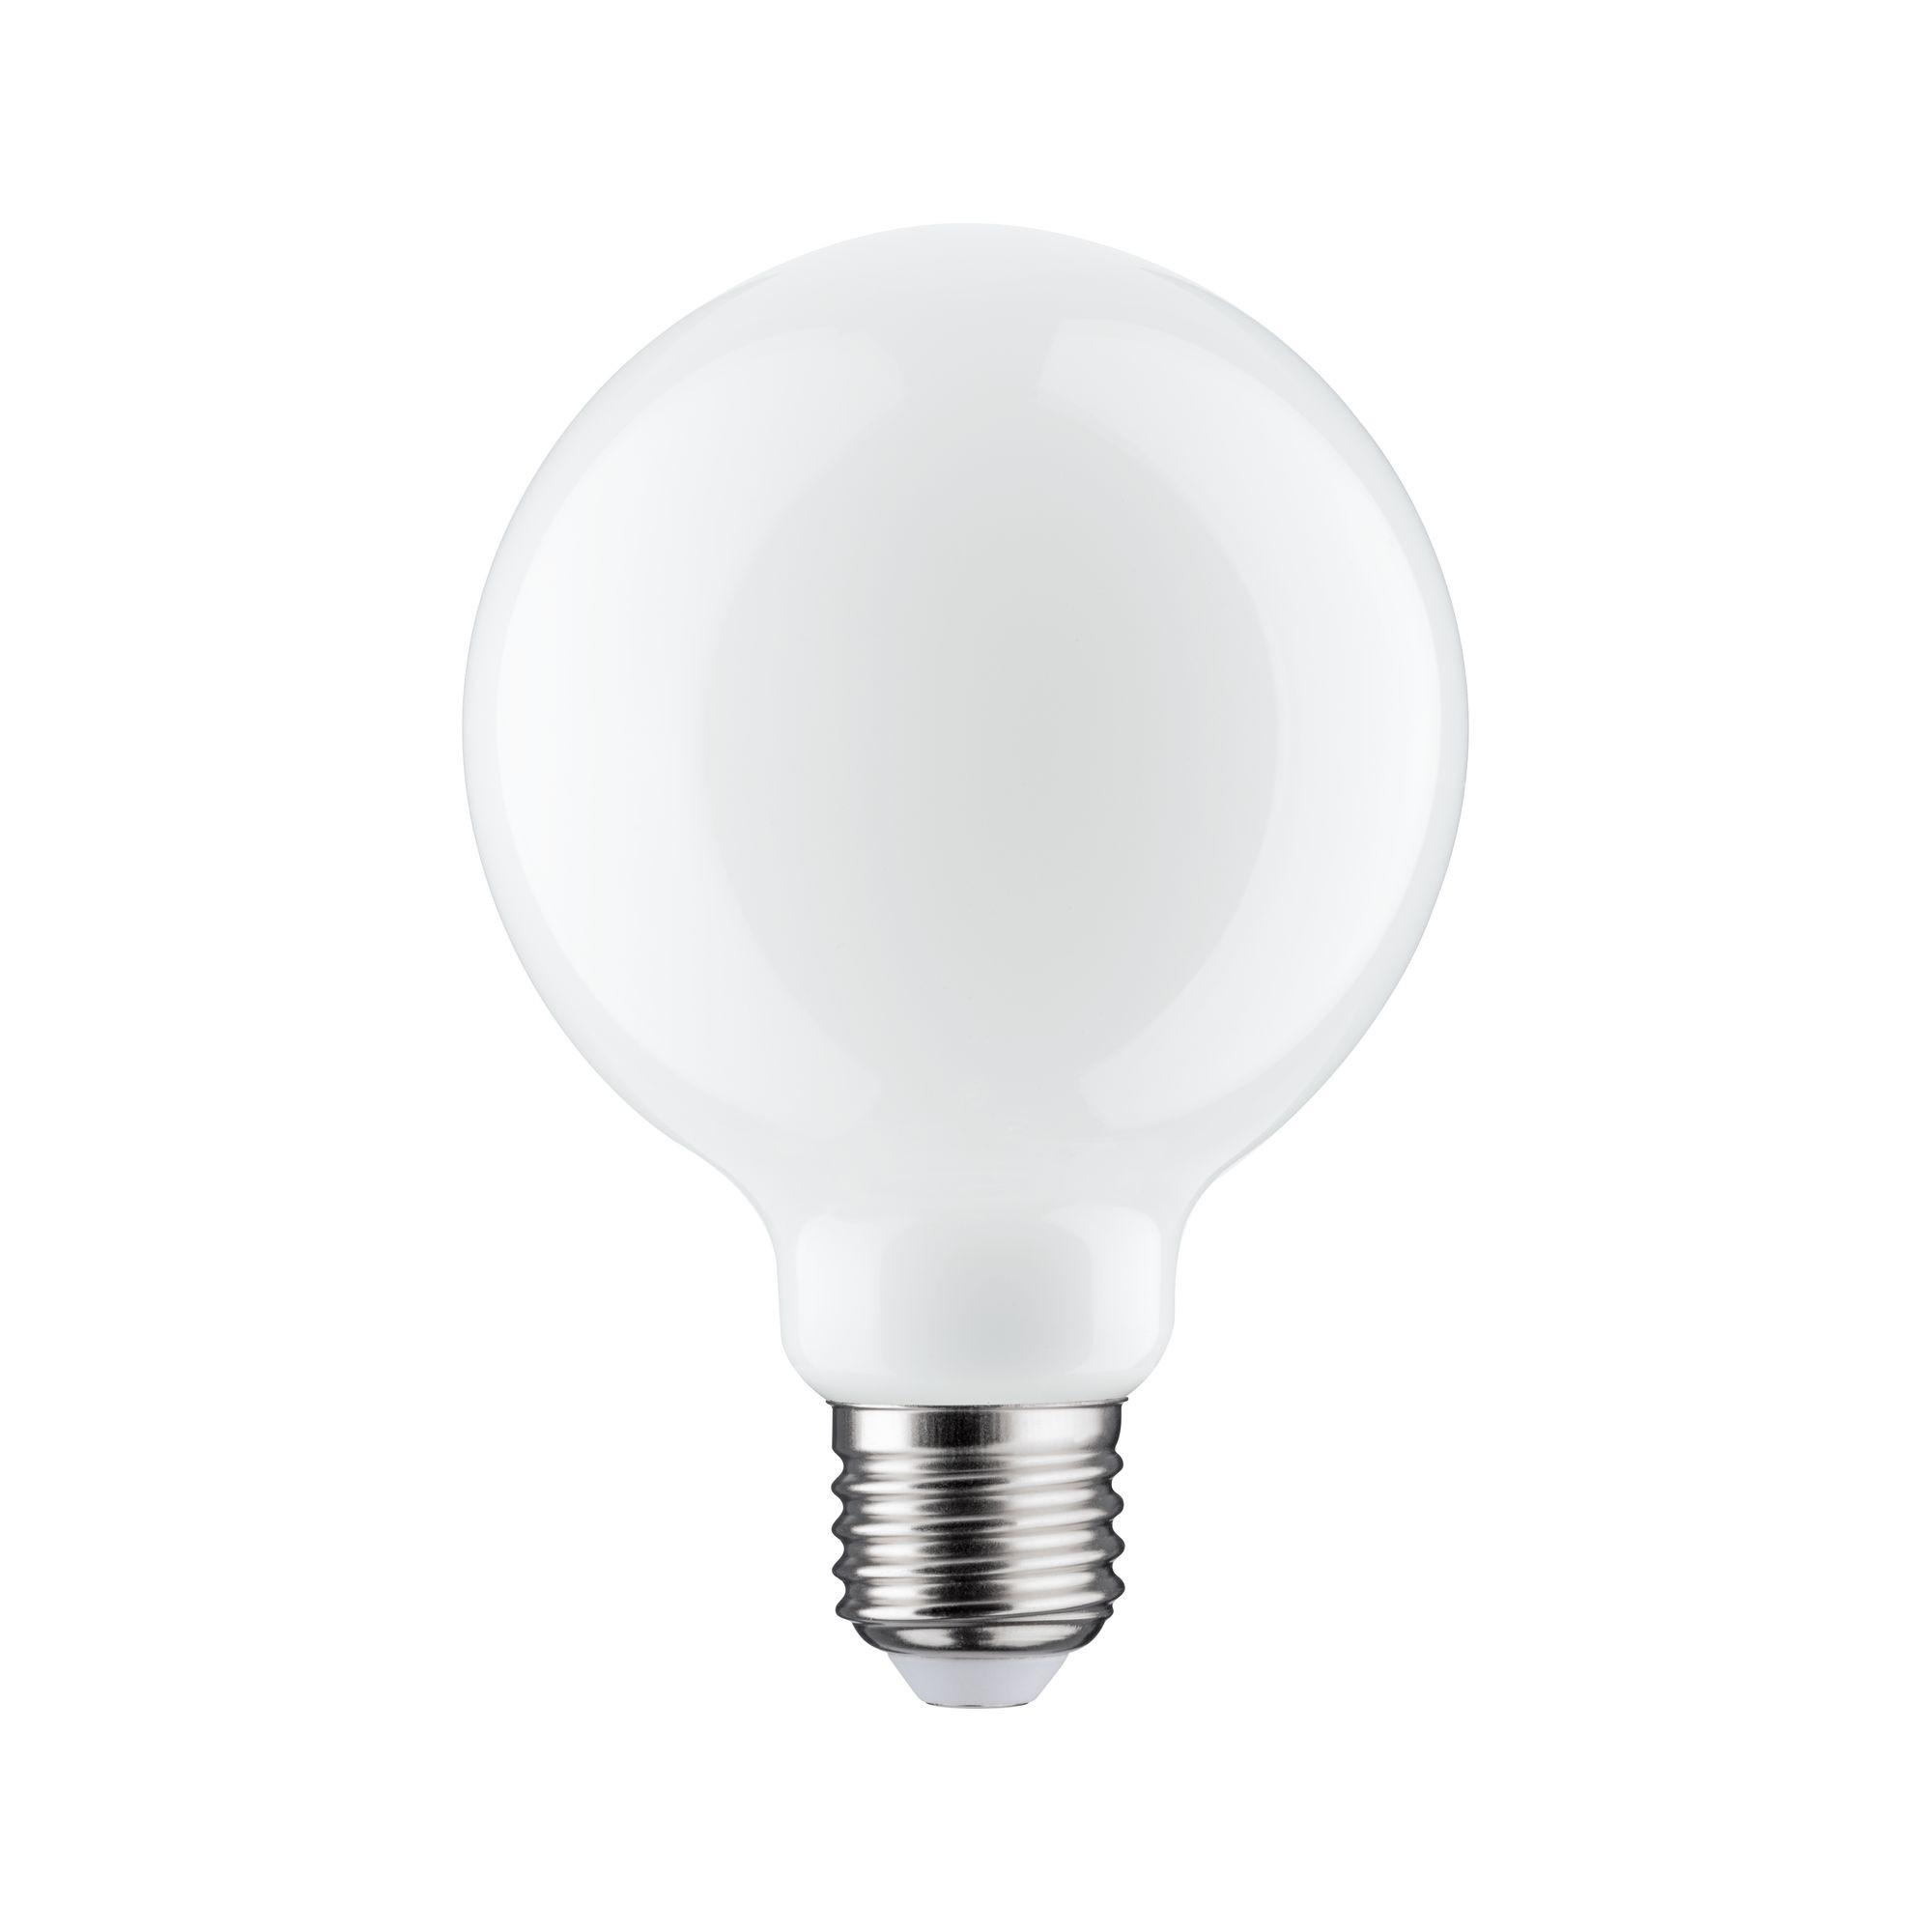 Лампа филаментная Paulmann Шар G95 6Вт 806лм 2700К Е27 230В Опал Регулируемая яркость 28487.